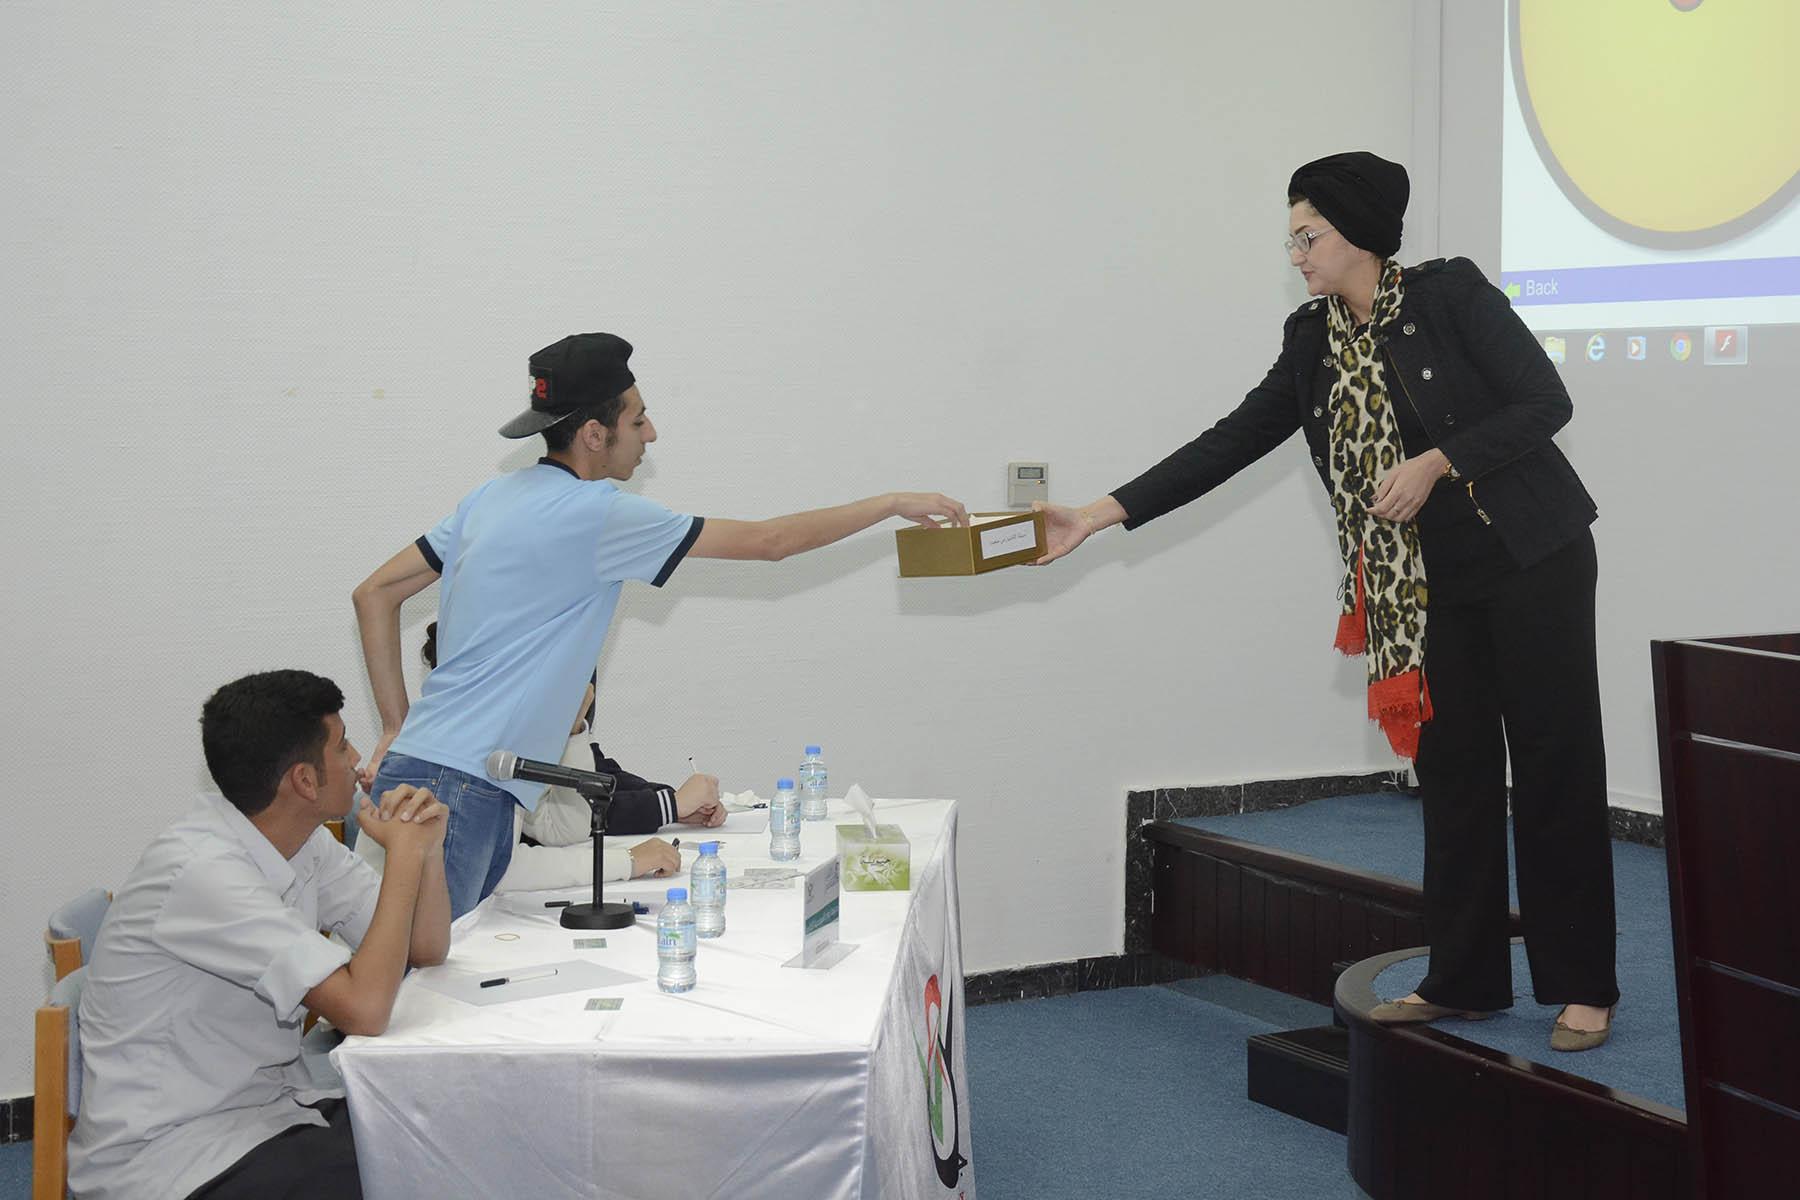 Tawam Model Private School & Dar Al Uloom Private School - Al Ain Campus